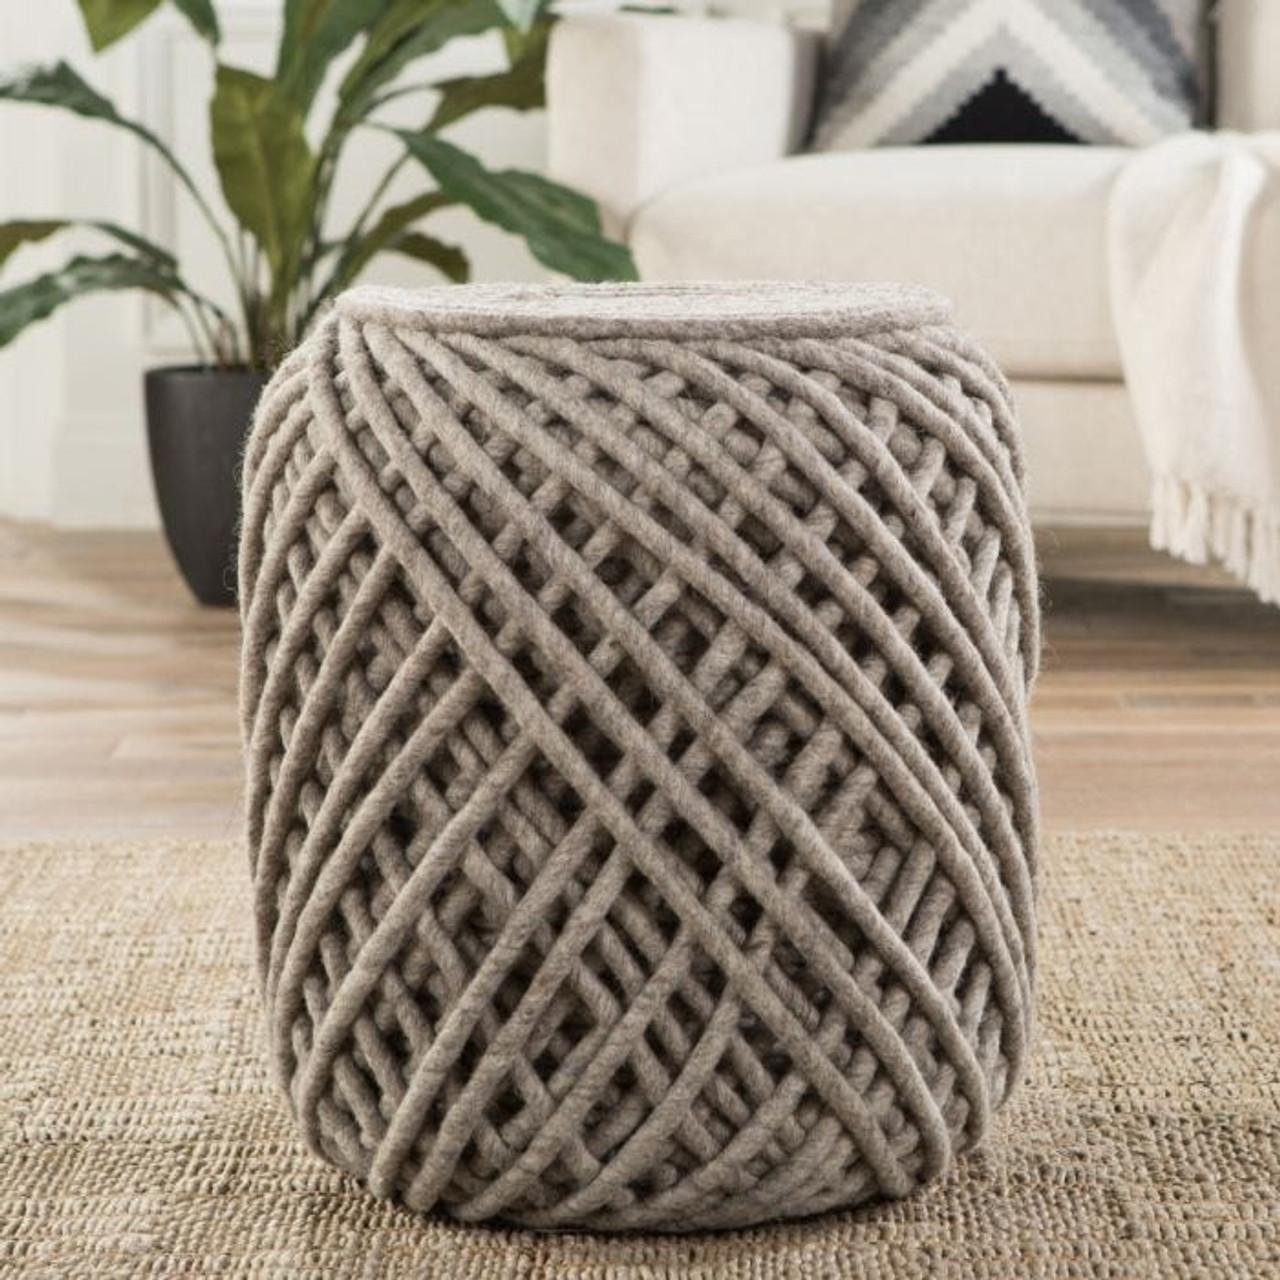 Nautica Wool Pouf - Light Gray